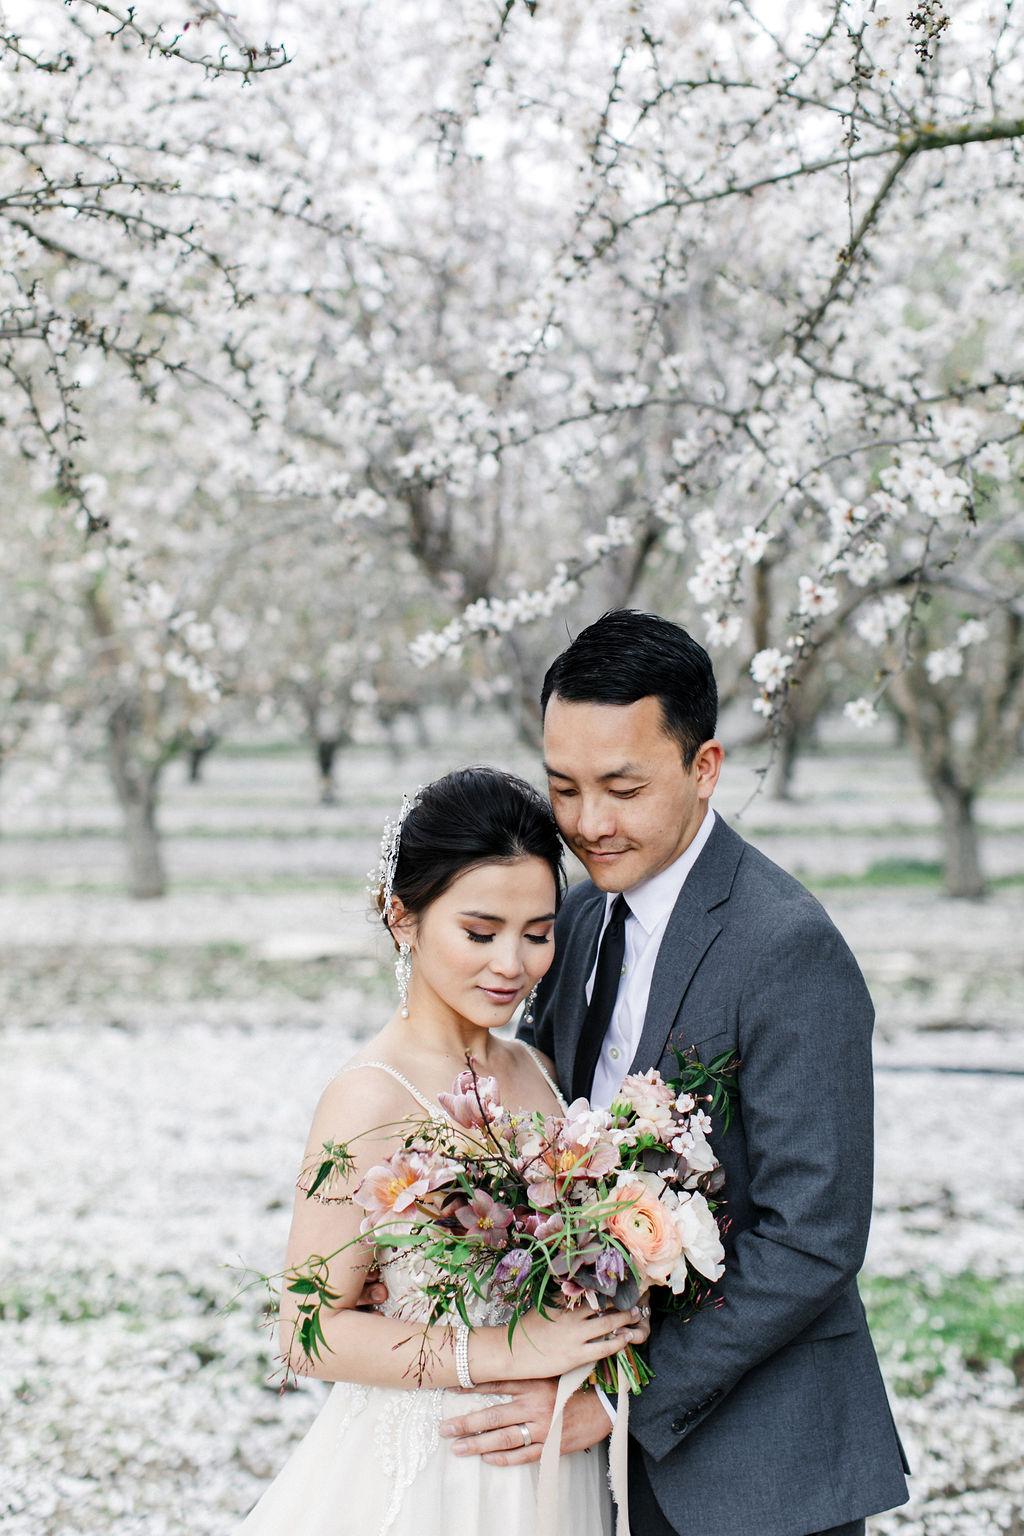 Sonoma Napa Bridal Wedding Hair and Makeup Artist